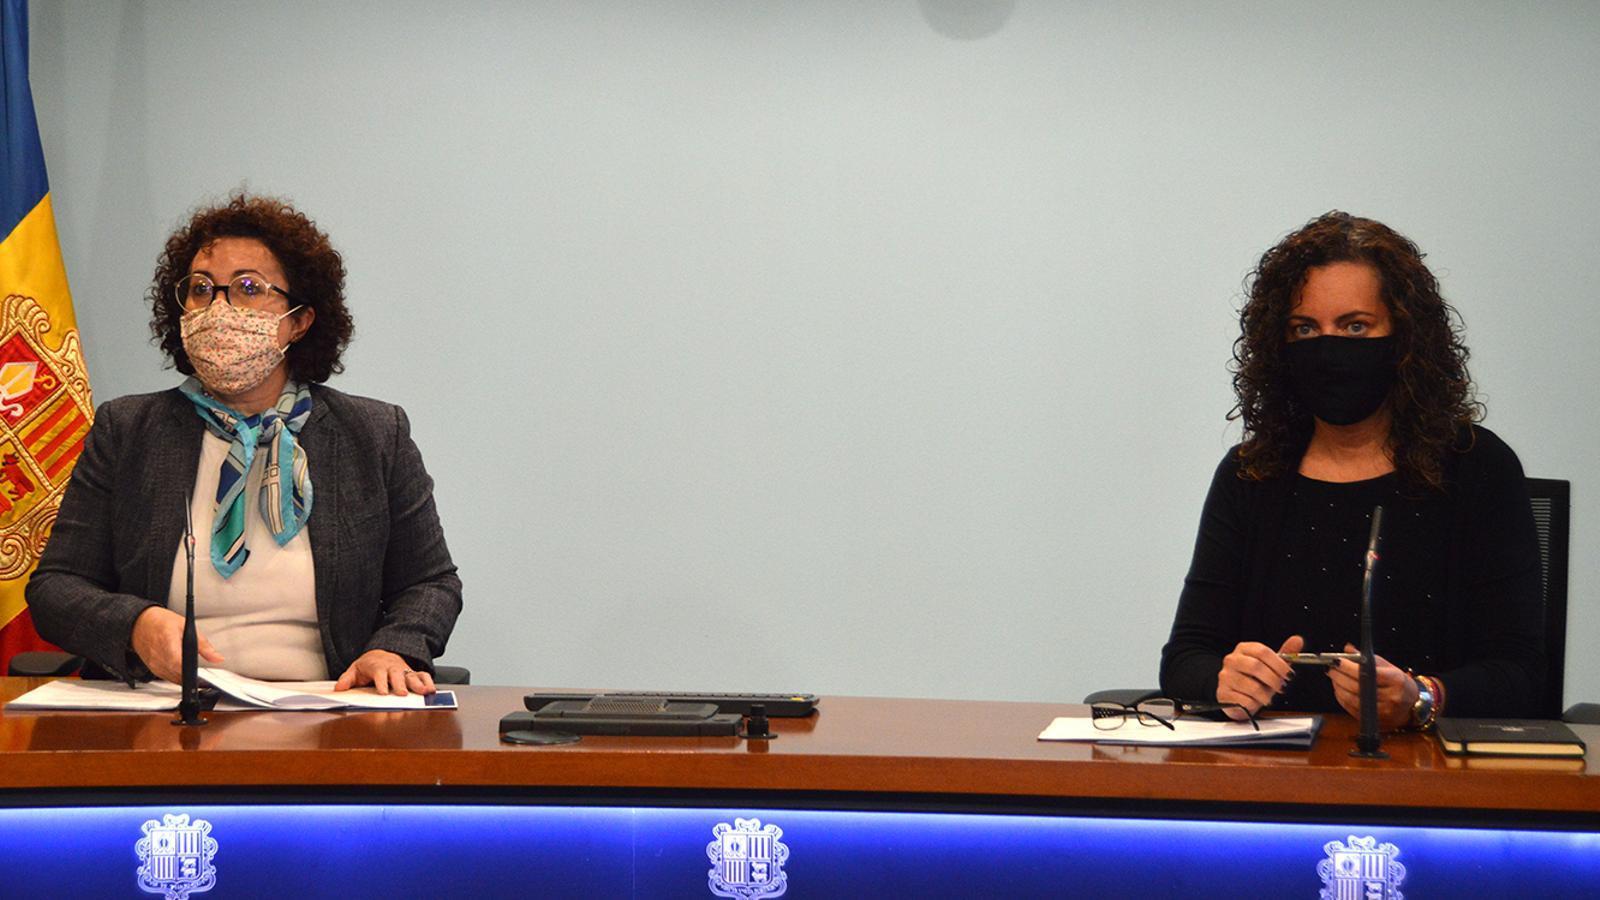 La ministra de Funció Pública i Simplificació de l'Administració, Judith Pallarés, amb la secretària d'Estat de Funció Pública, Lara Vilamala, durant la presentació del concurs que es treurà per digitalitzar l'administració. / M. F. (ANA)